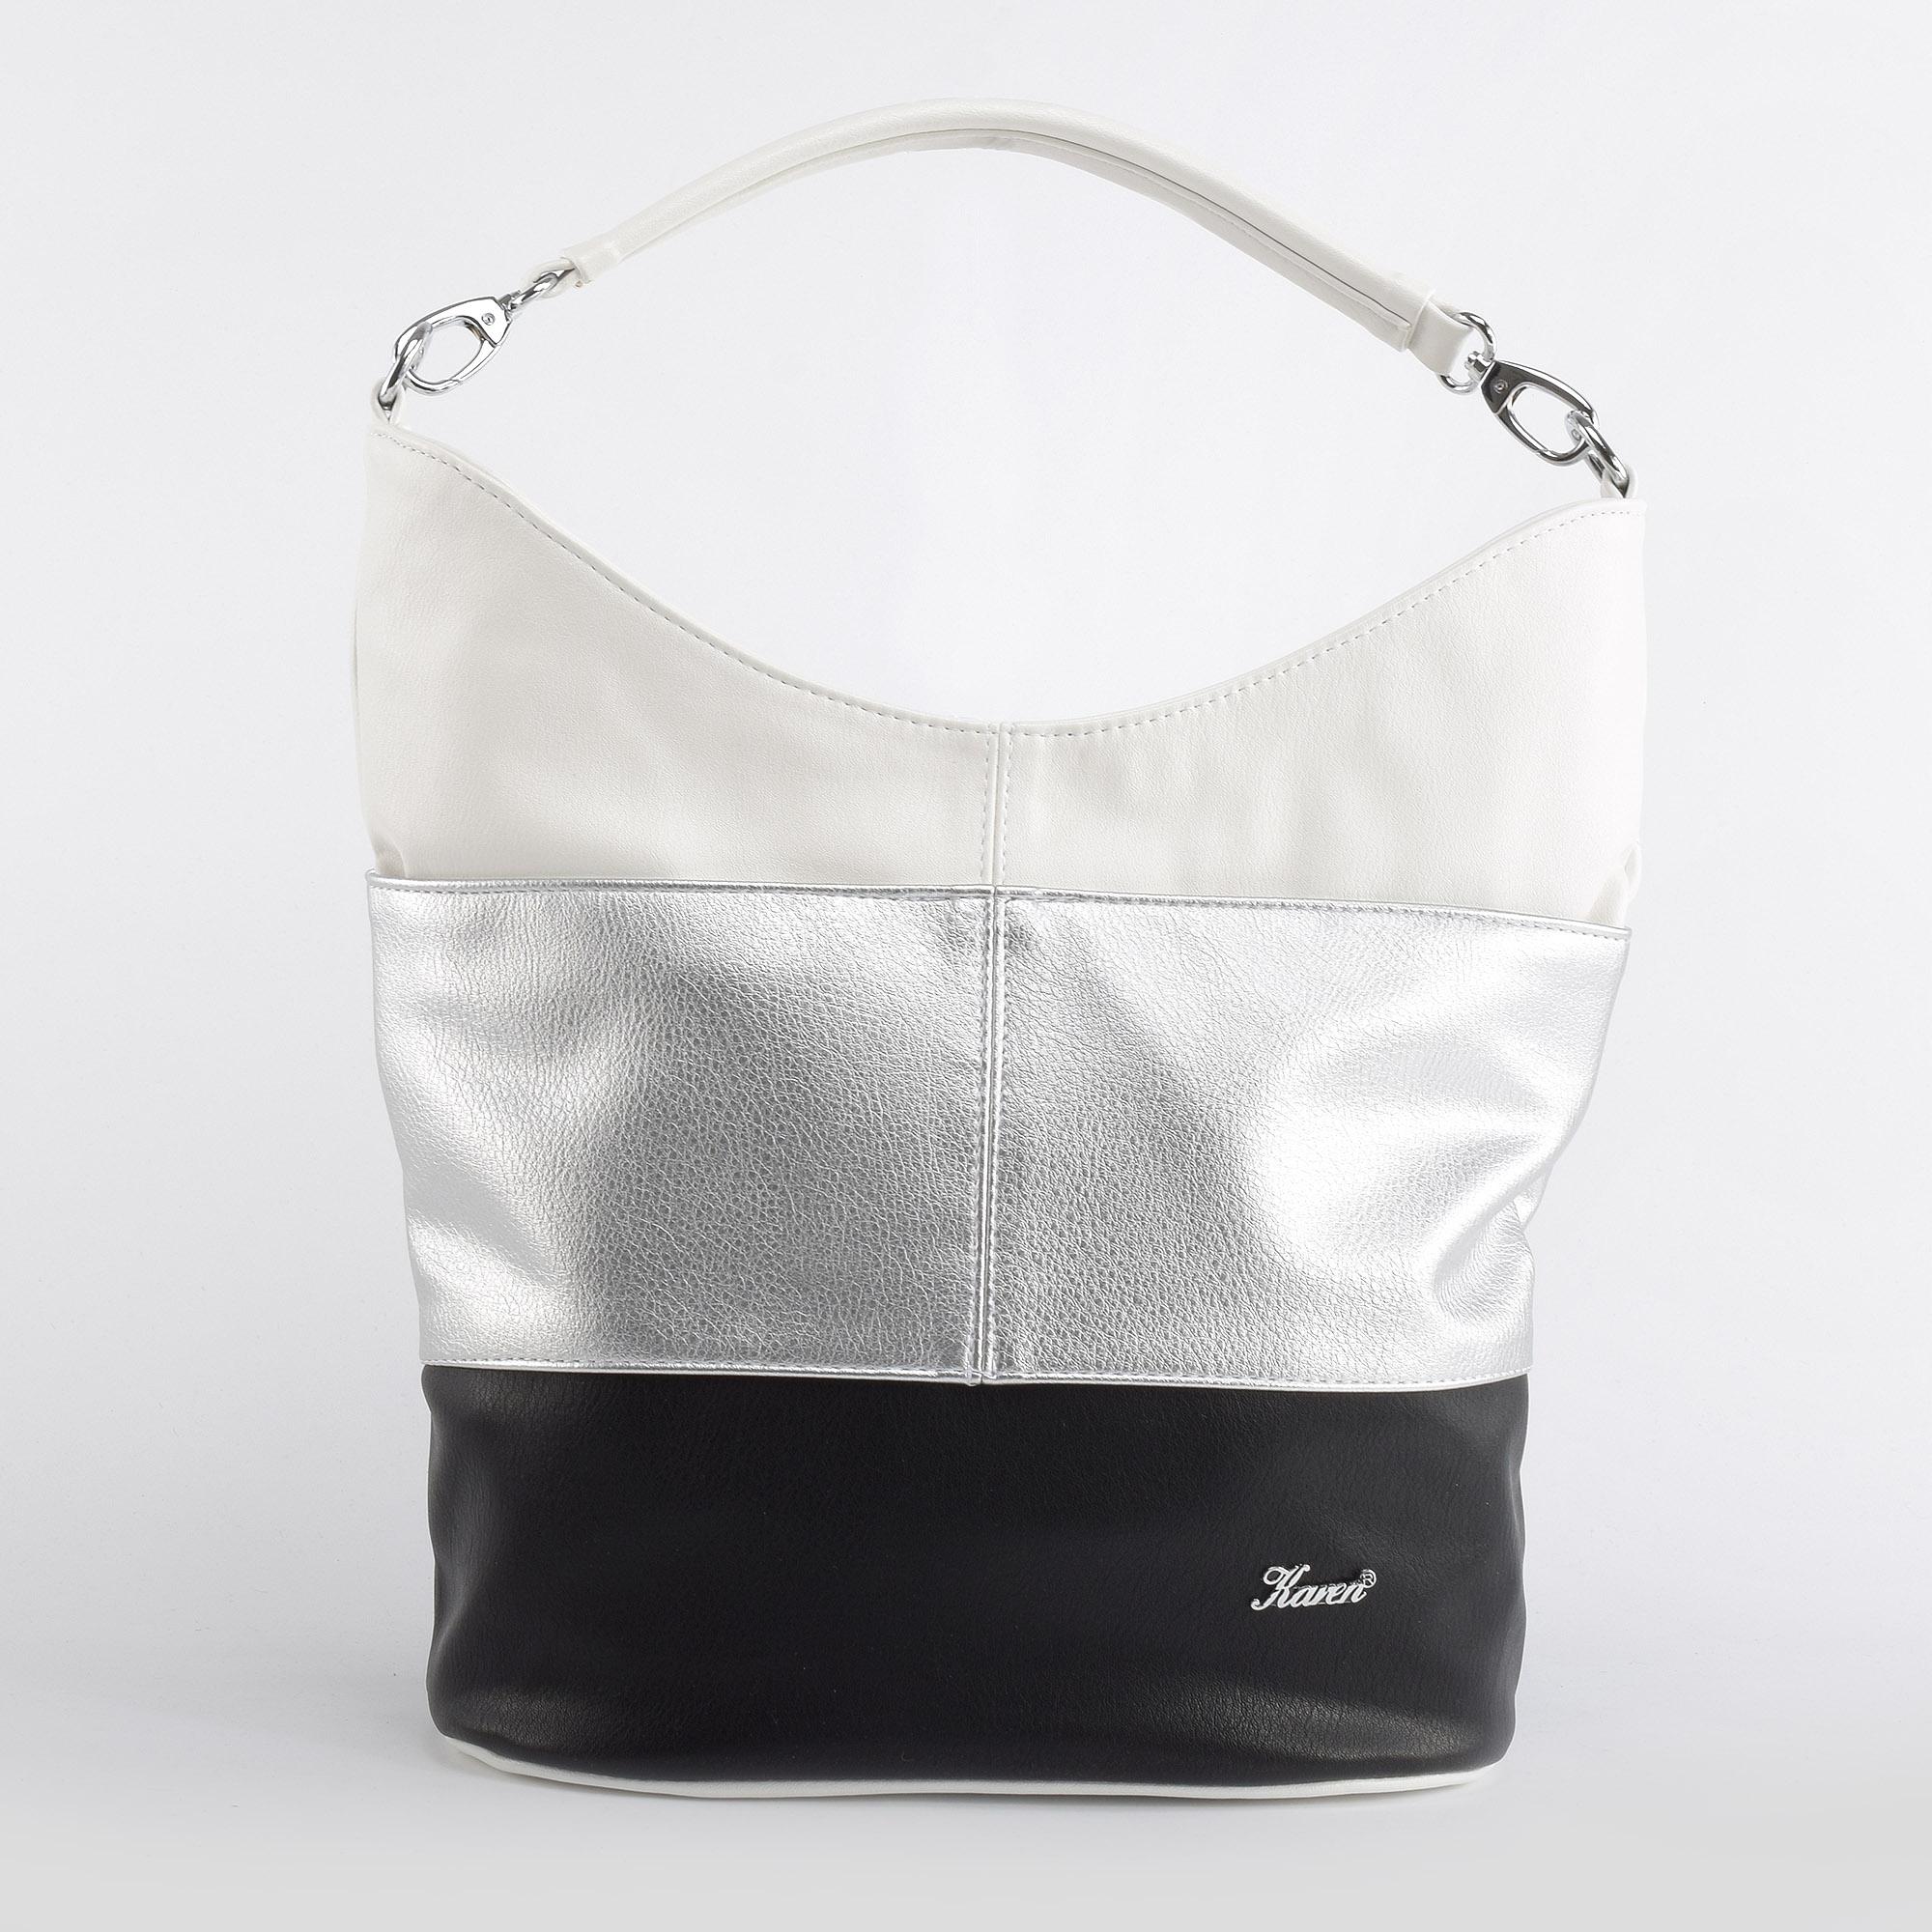 d94829f7cf Karen Női Ezüst Csíkos Rostbőr Válltáska - Válltáskák - Táska webáruház -  Minőségi táskák mindenkinek